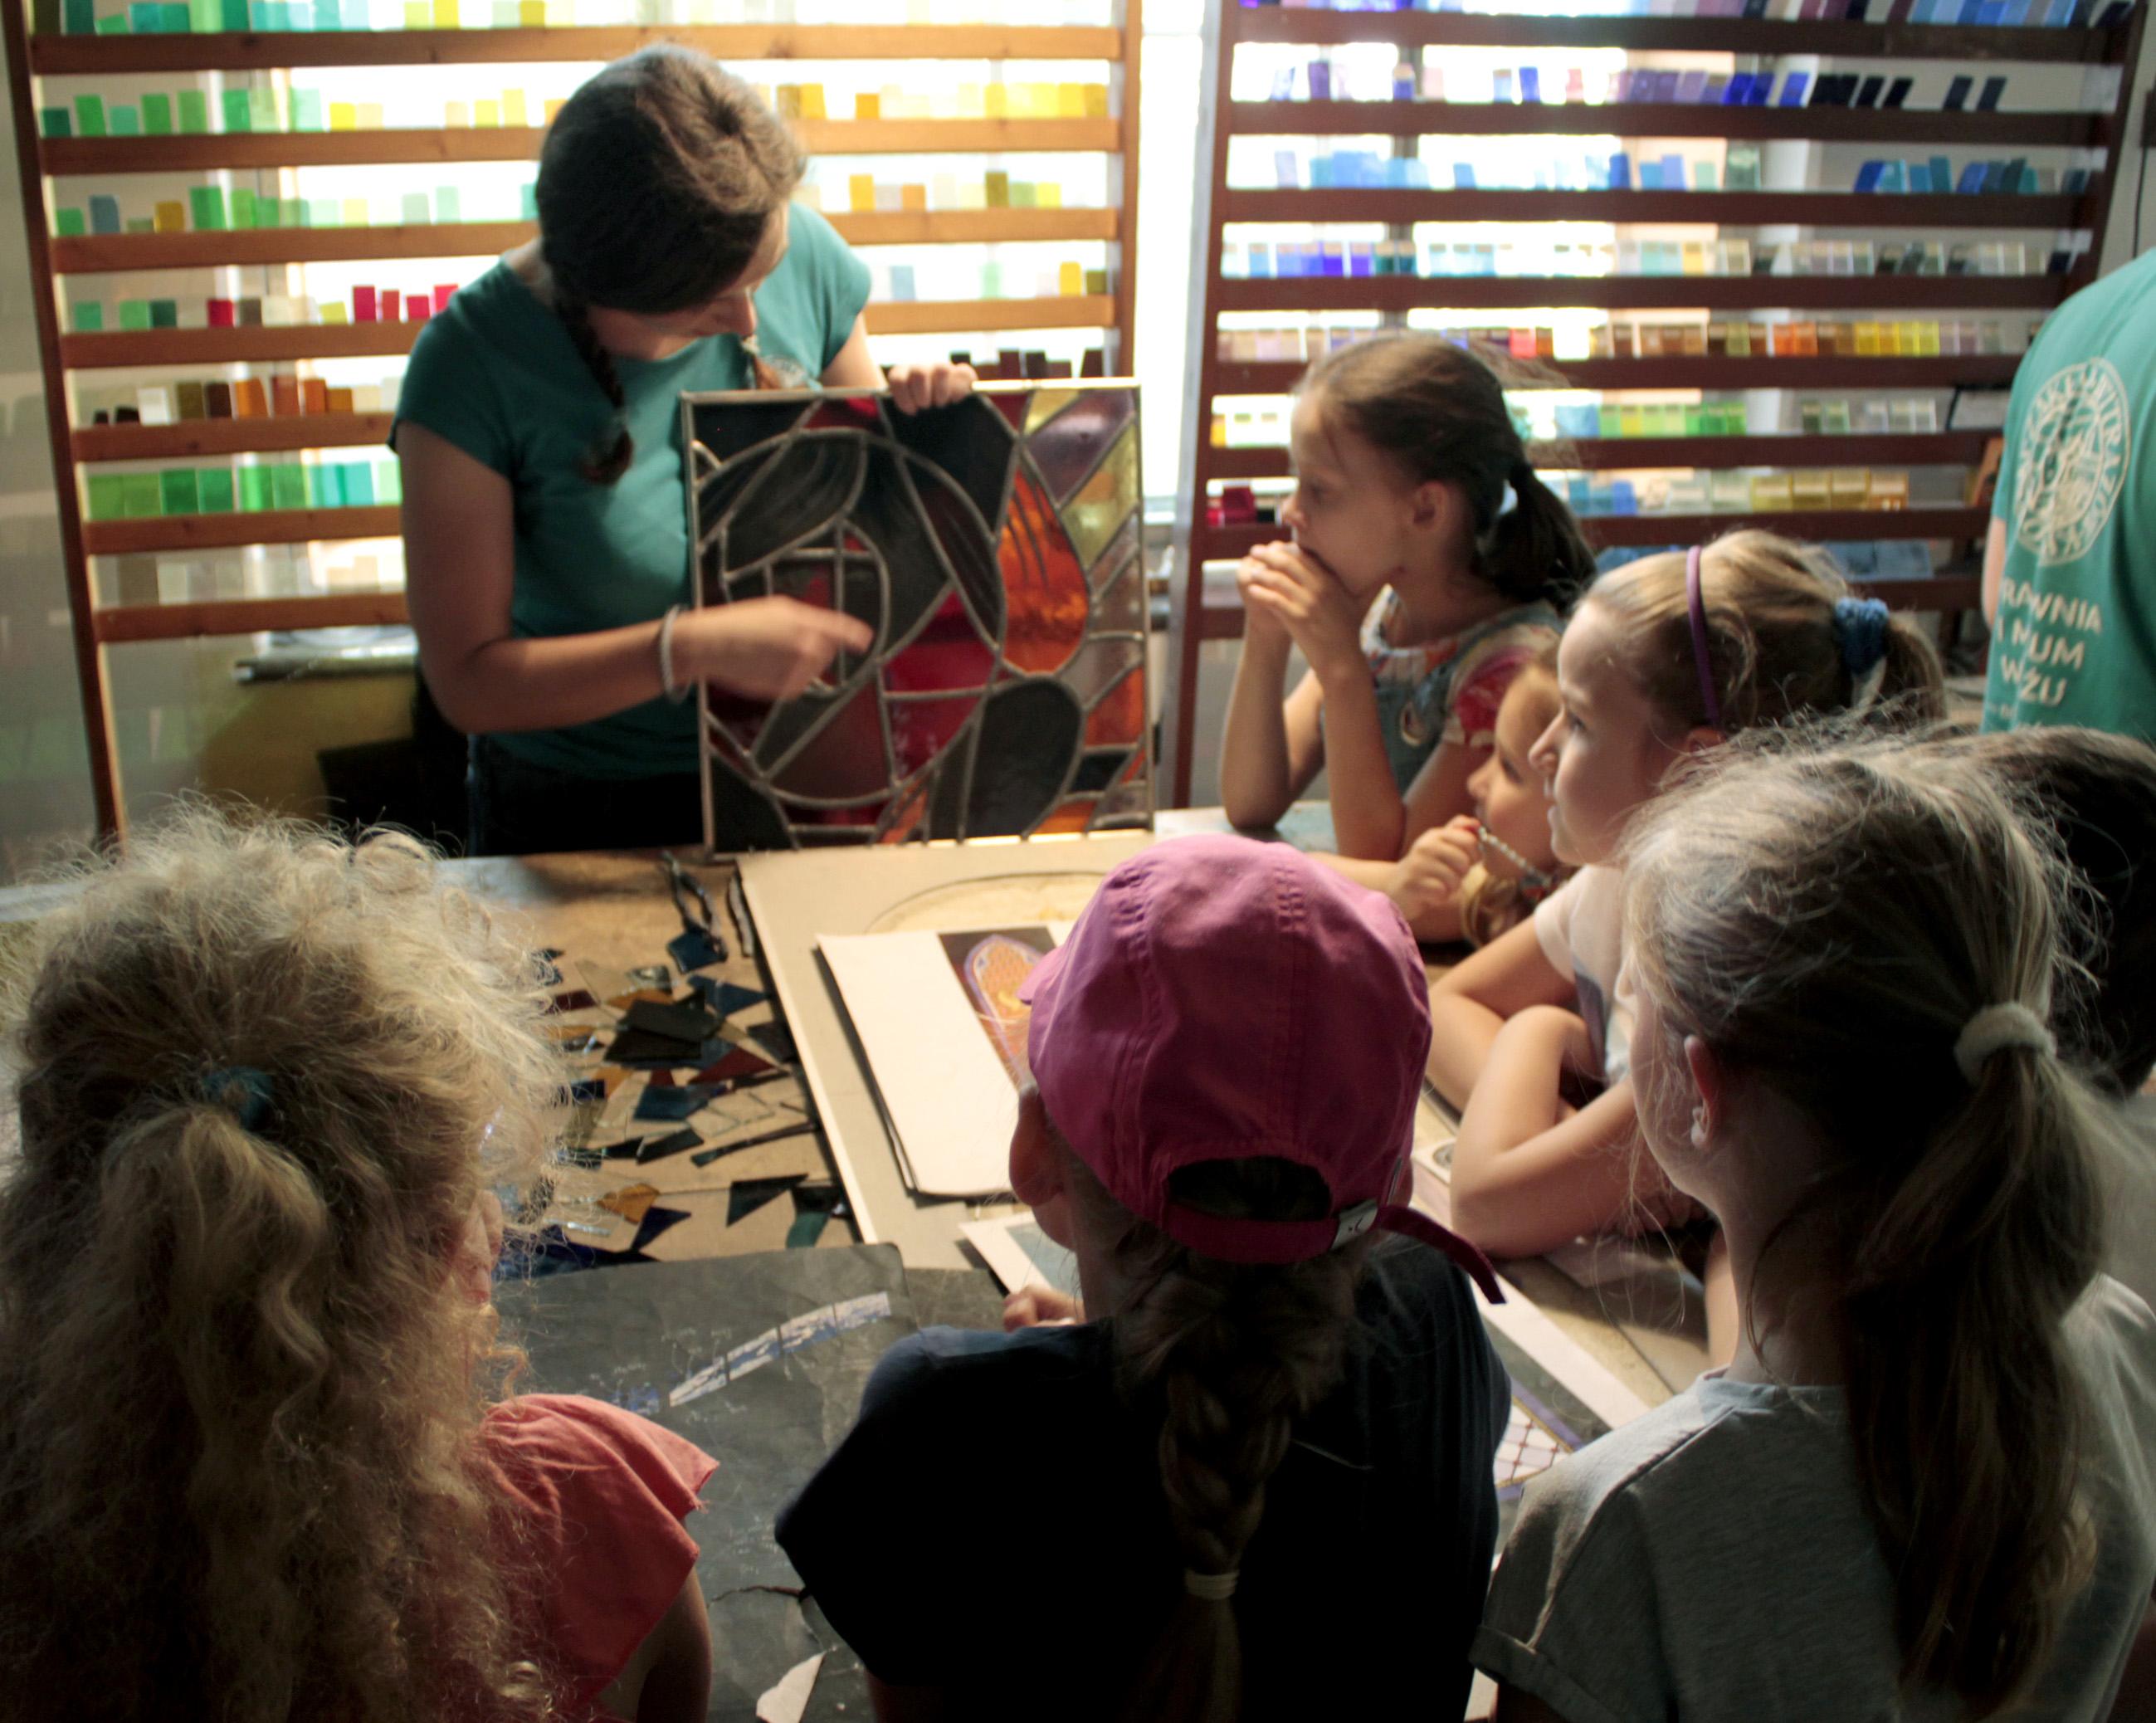 Sobotnie Poranki w Muzeum Witrażu: Świetliste rozety z bibuły